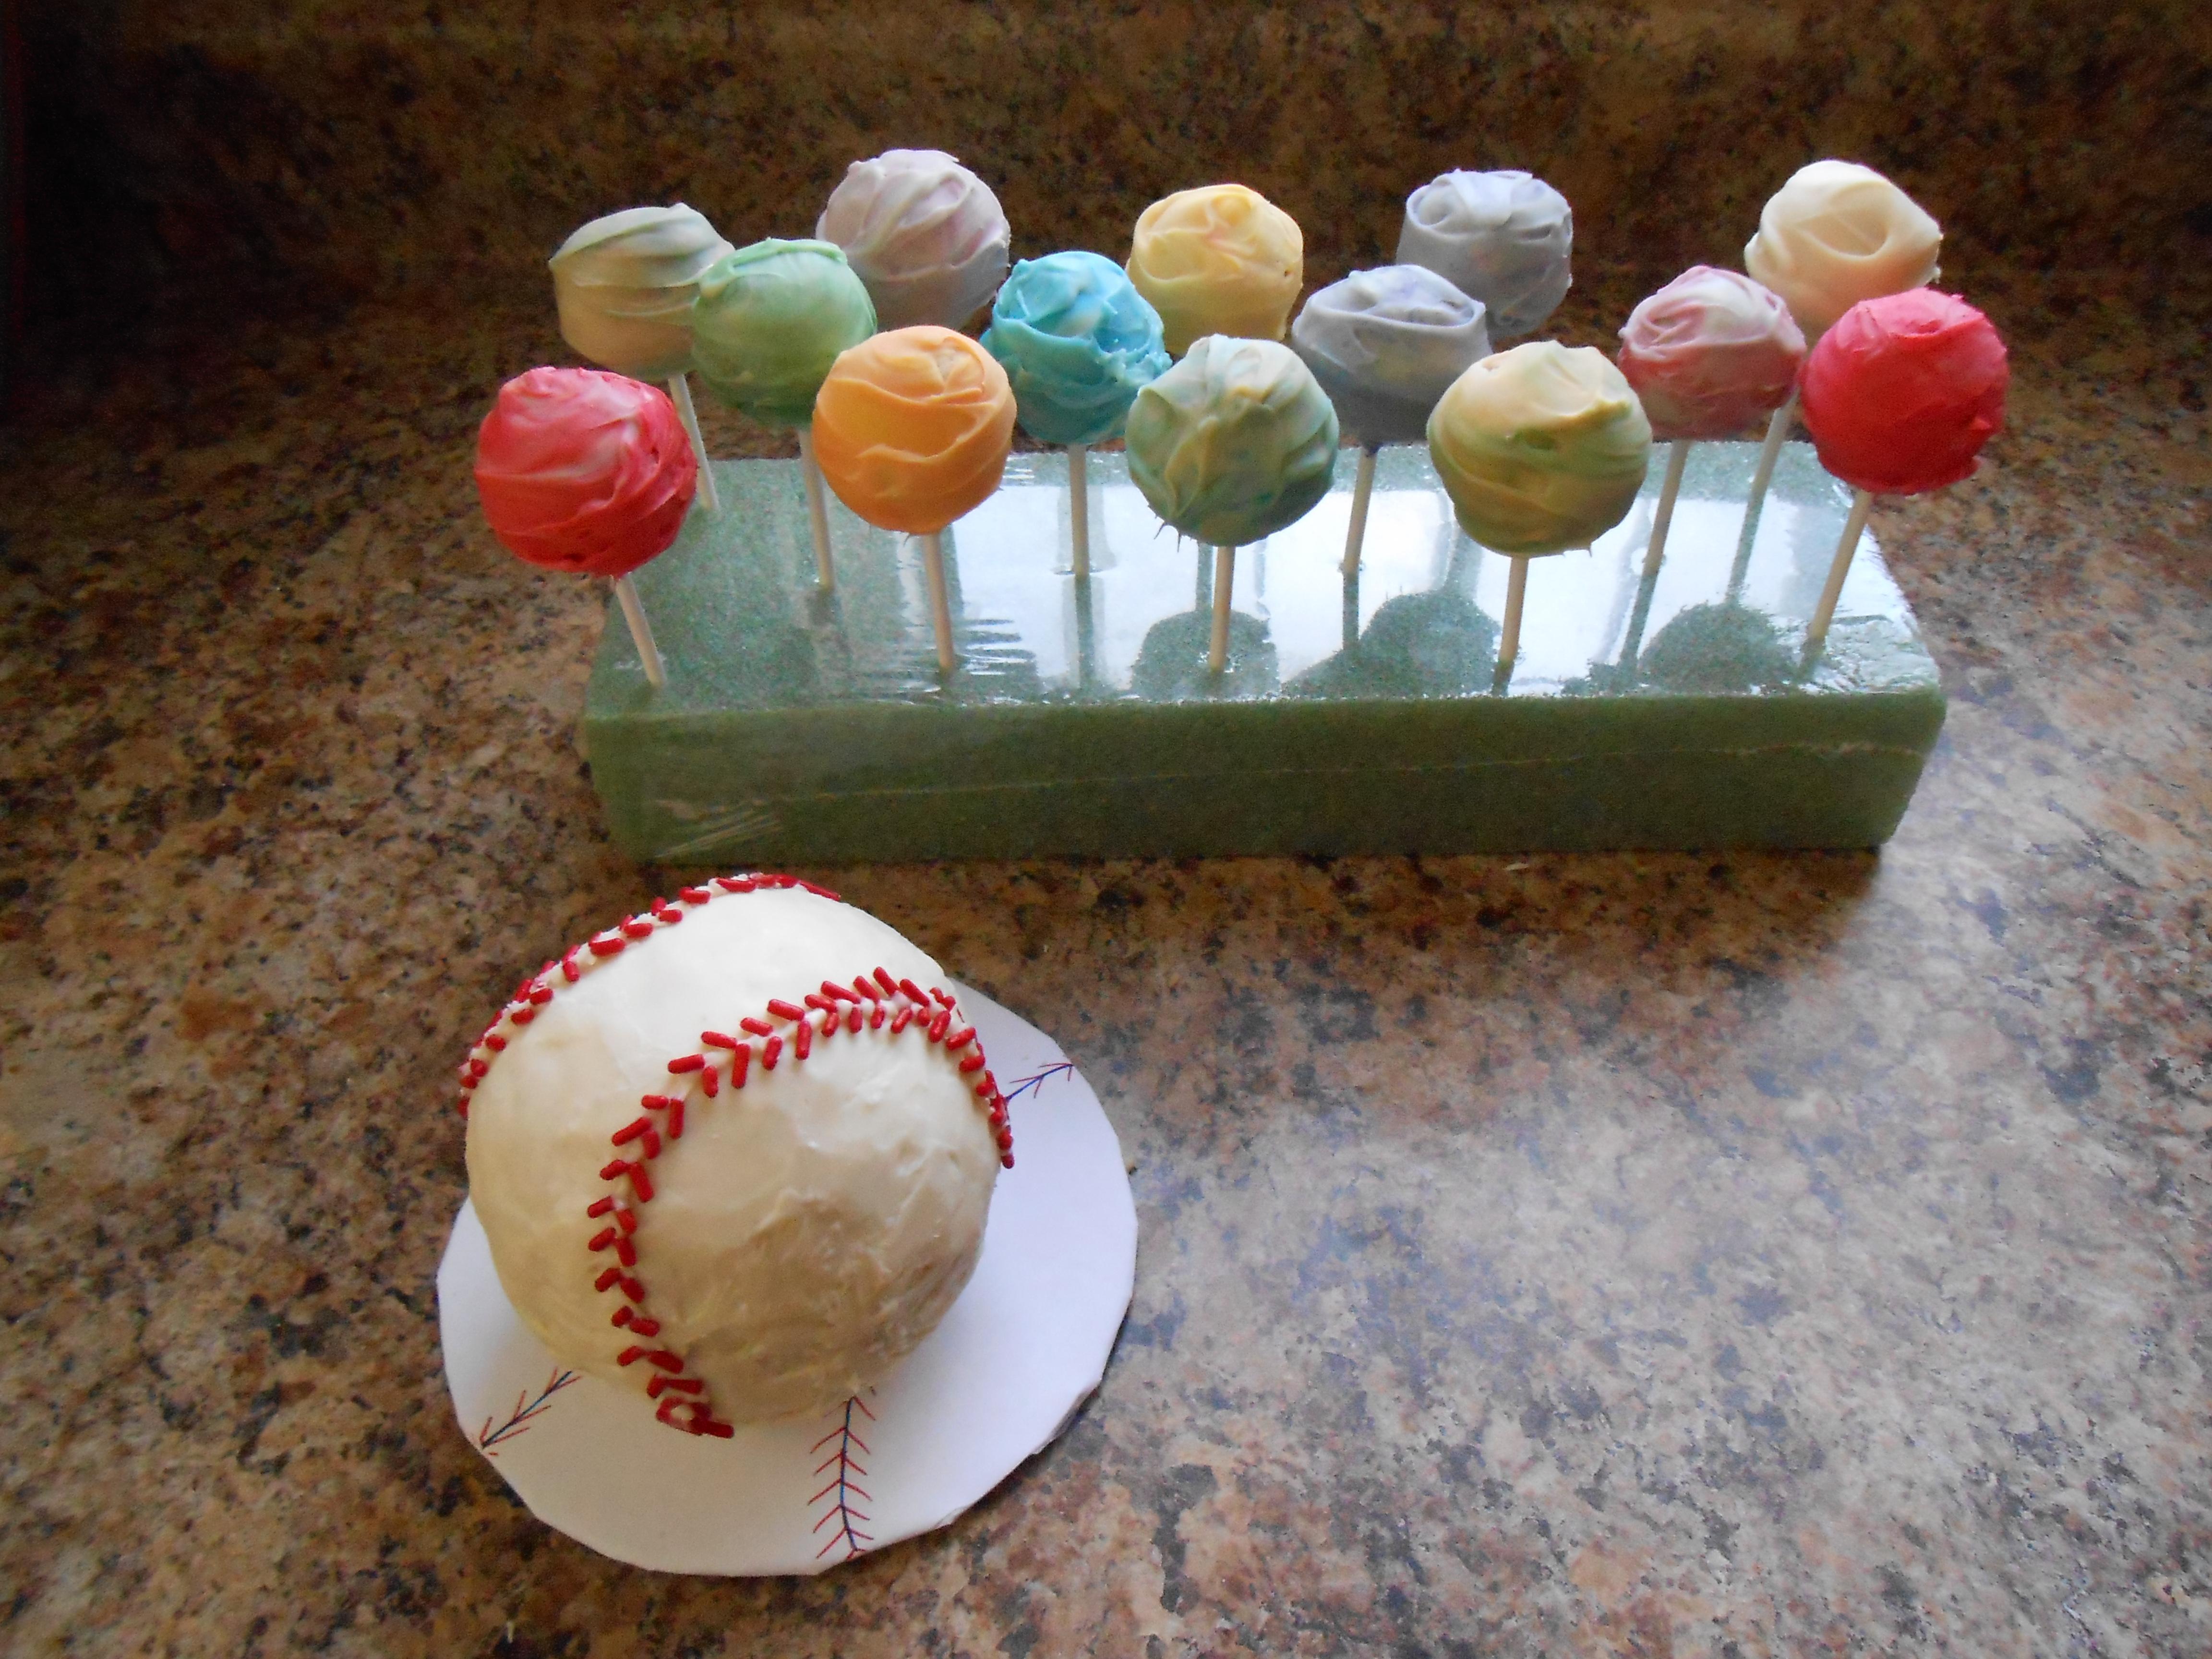 how to make homemade cake pops